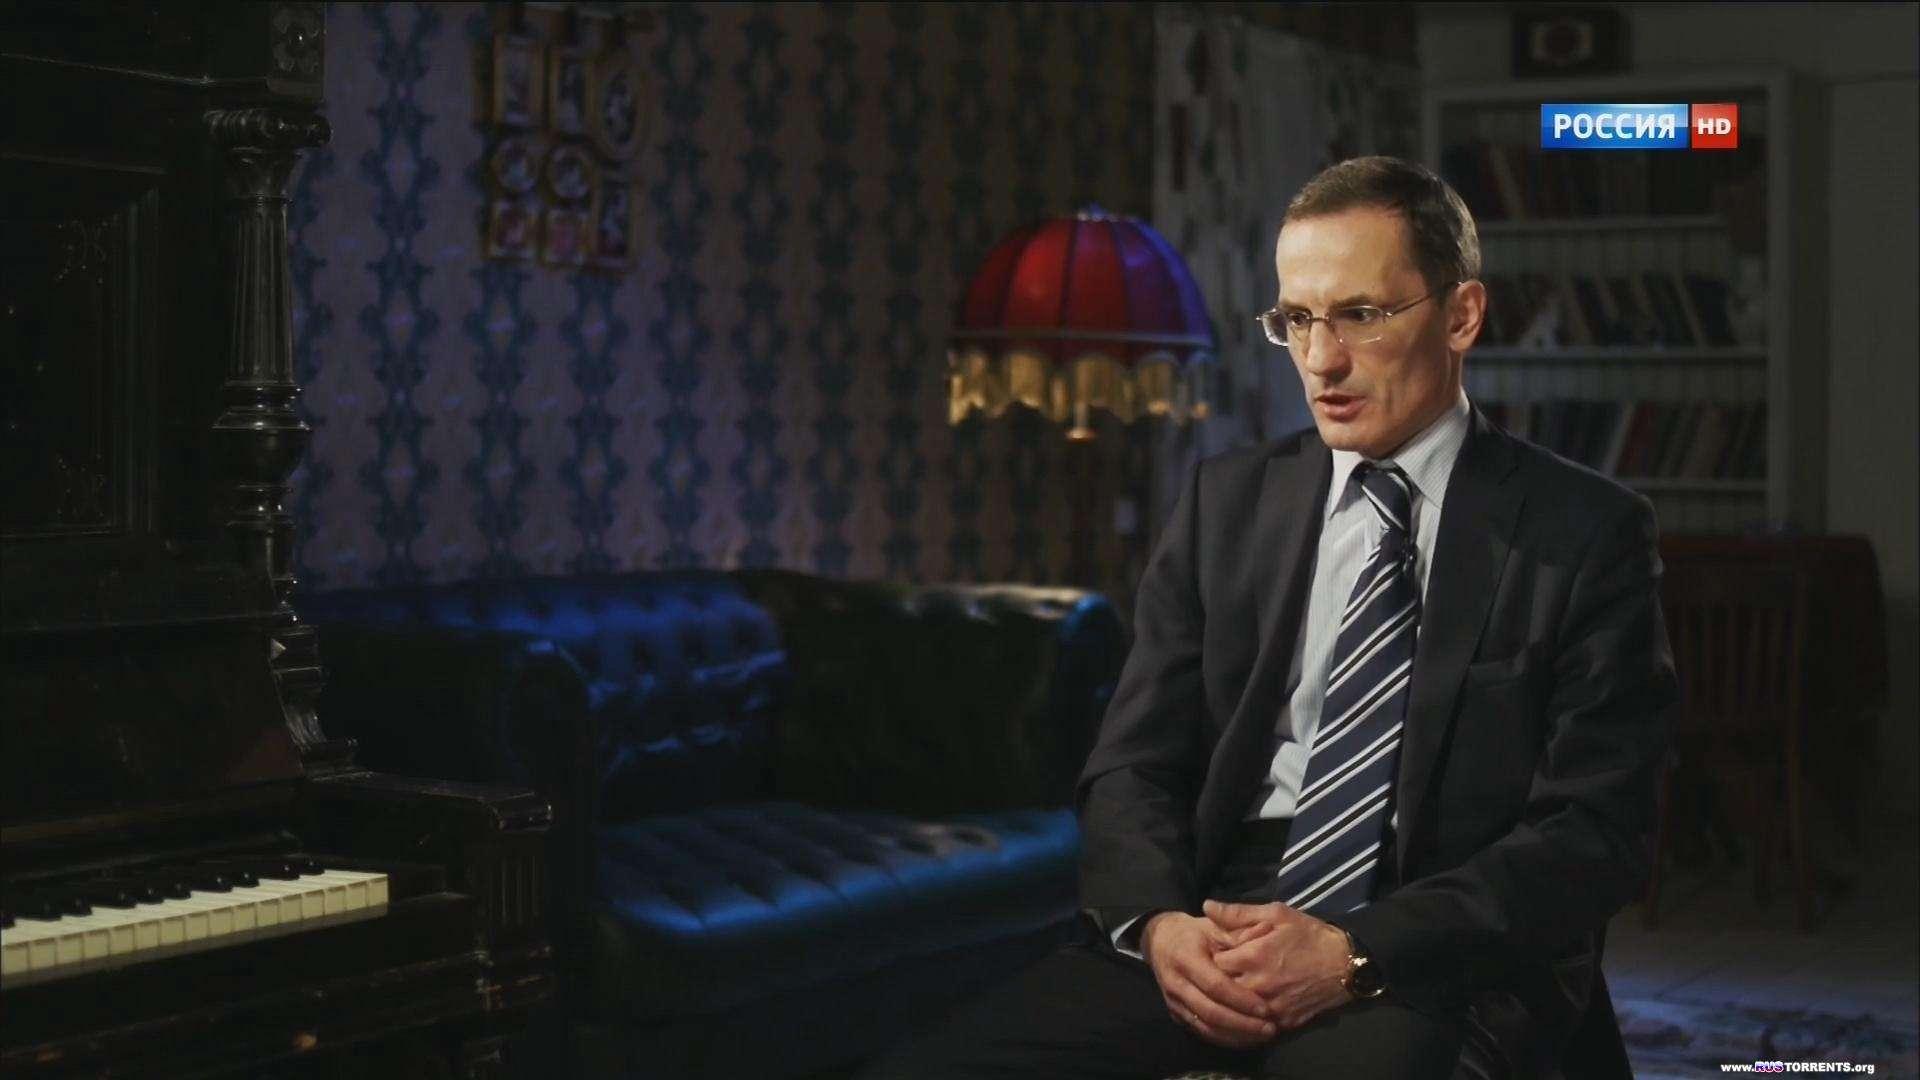 Иван Черняховский. Загадка полководца | HDTV 1080i